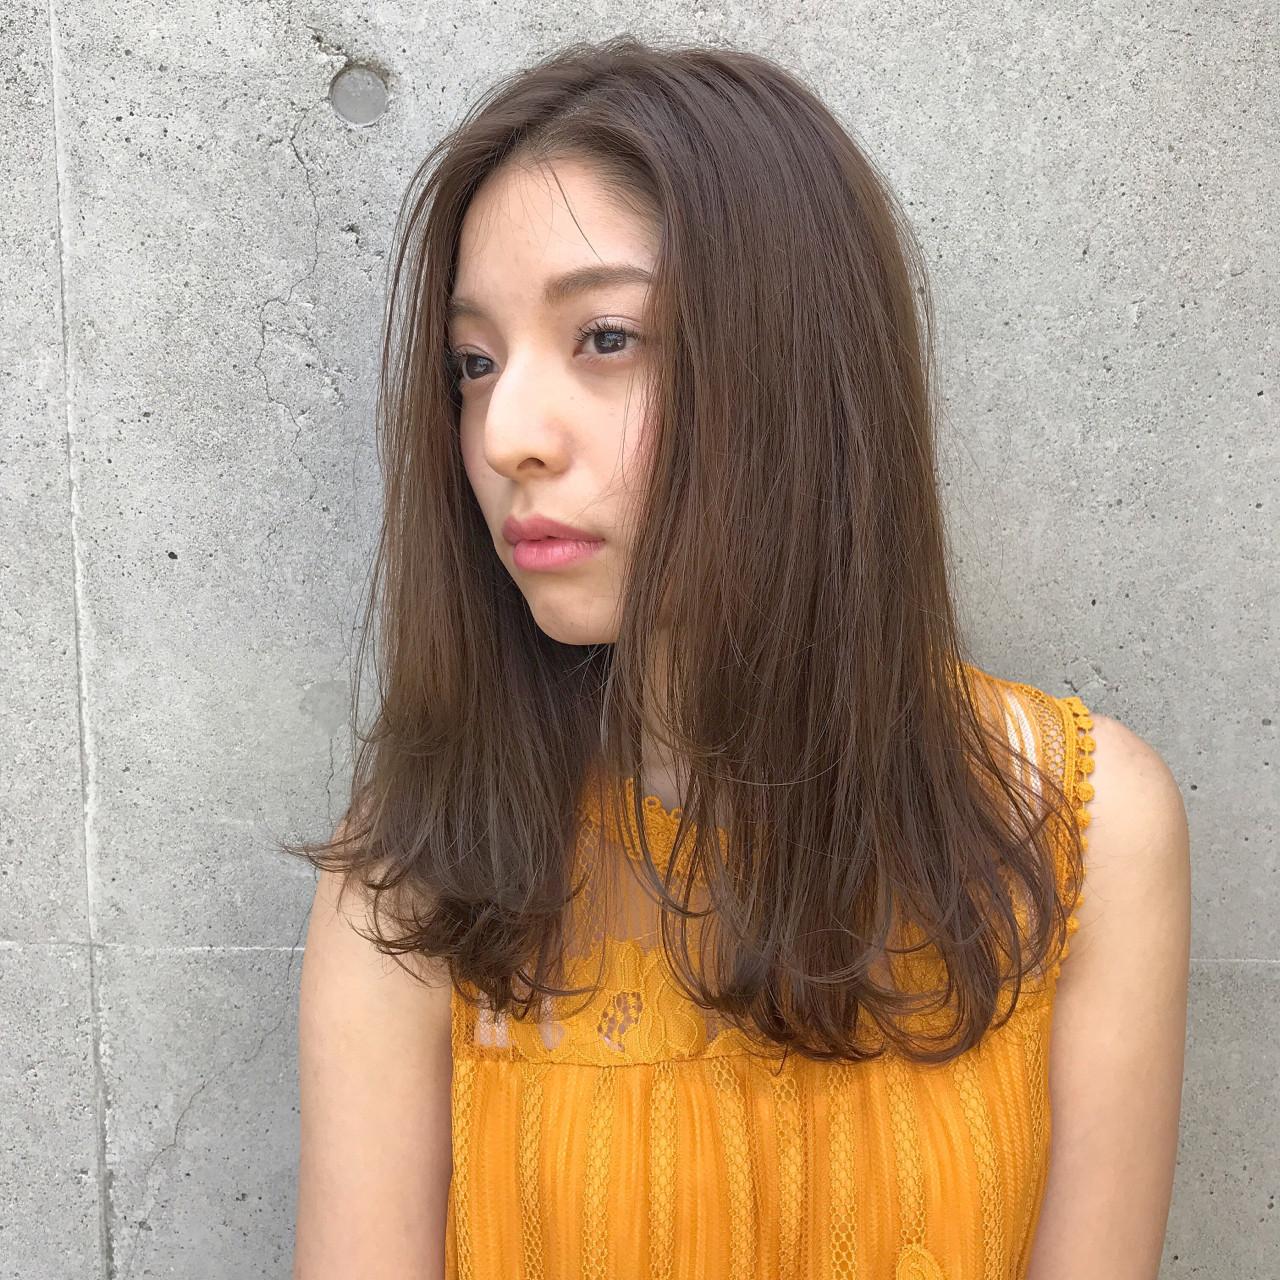 センター分け ナチュラル デート ストレート ヘアスタイルや髪型の写真・画像